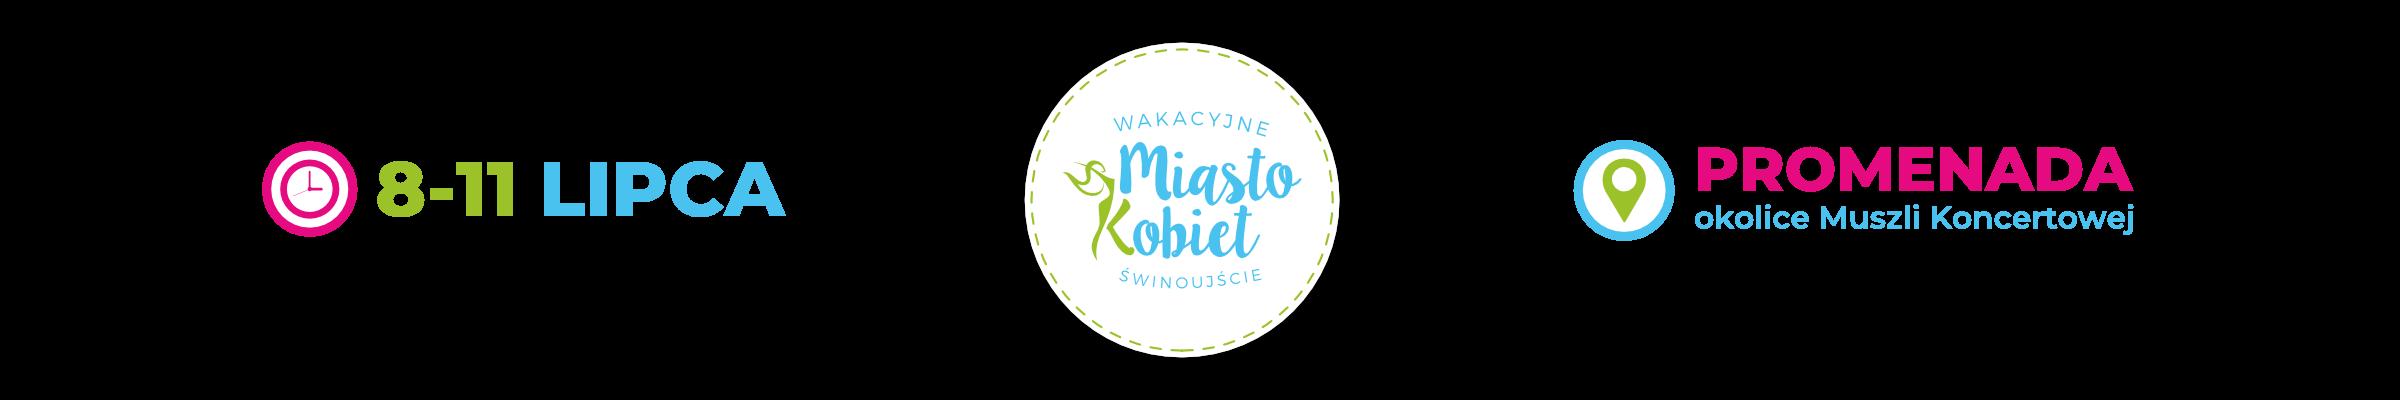 Wakacyjne Miasto Kobiet Logo